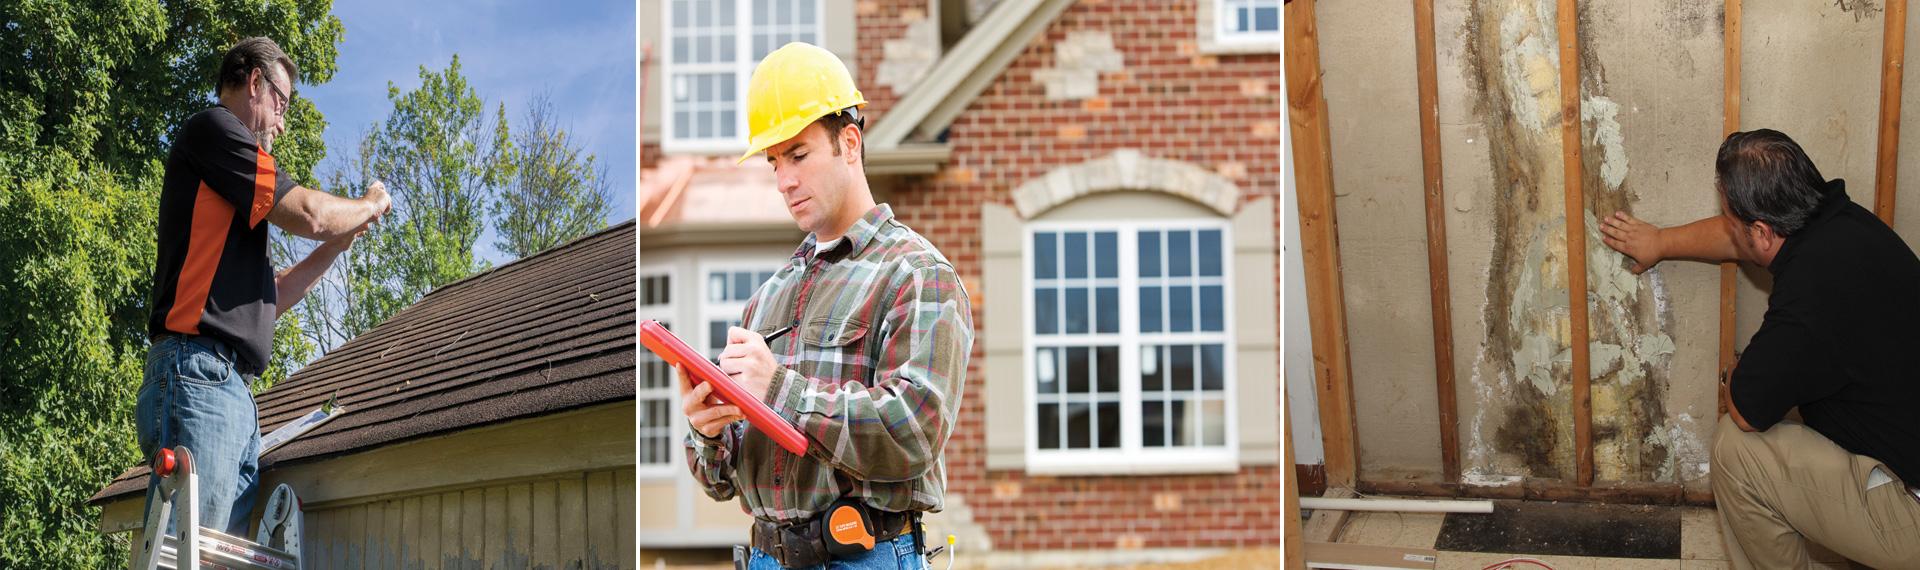 GI Joe Home Inspections Hialeah FL